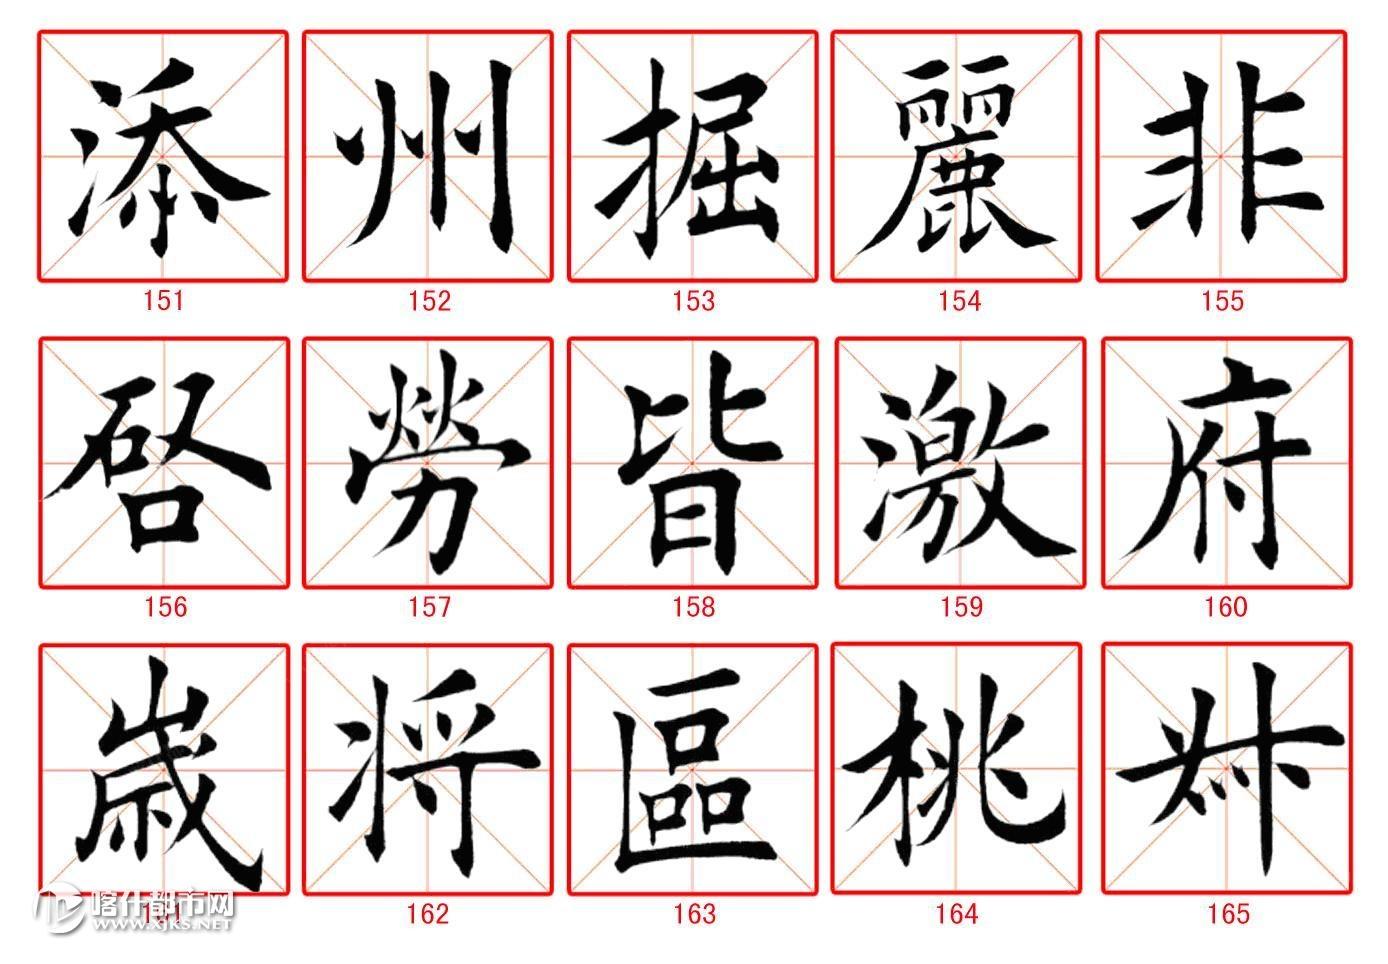 转 田蕴章365毛笔书法精华字帖高清图片